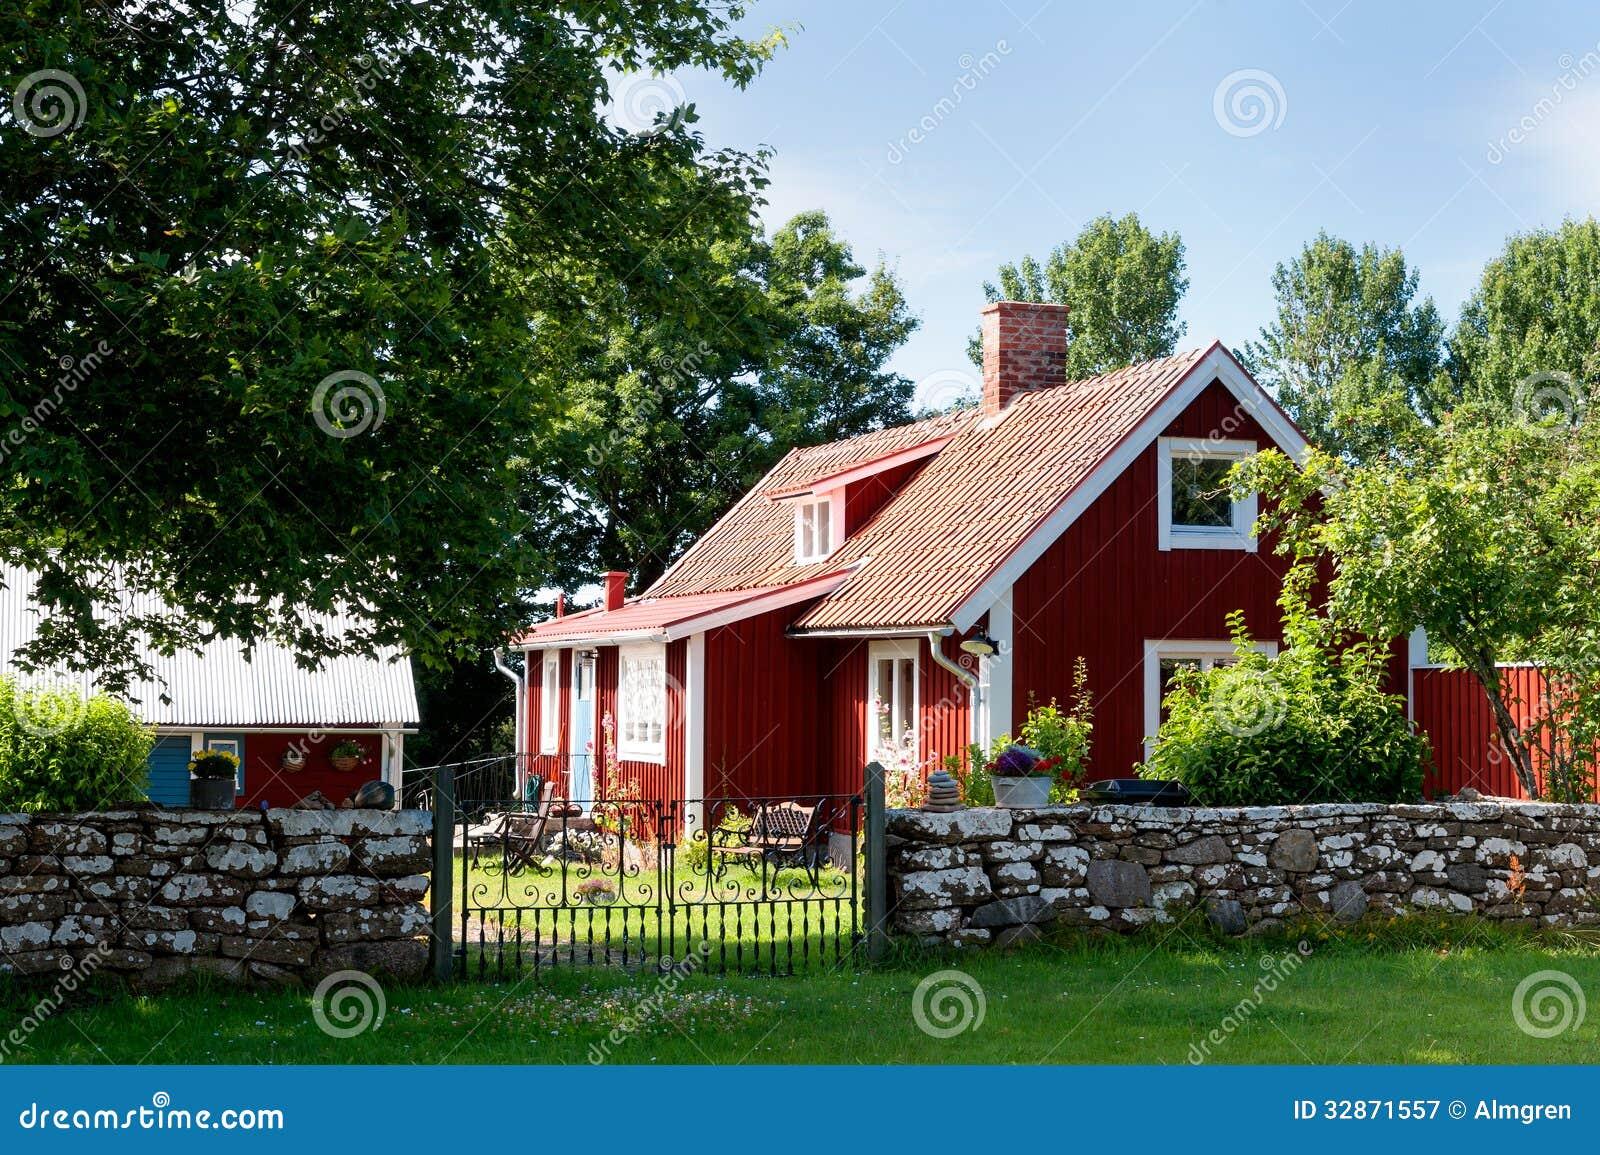 Casa De Campo Pintada Vermelho Na Ilha Oeland Fotografia de Stock Royalty Free Imagem